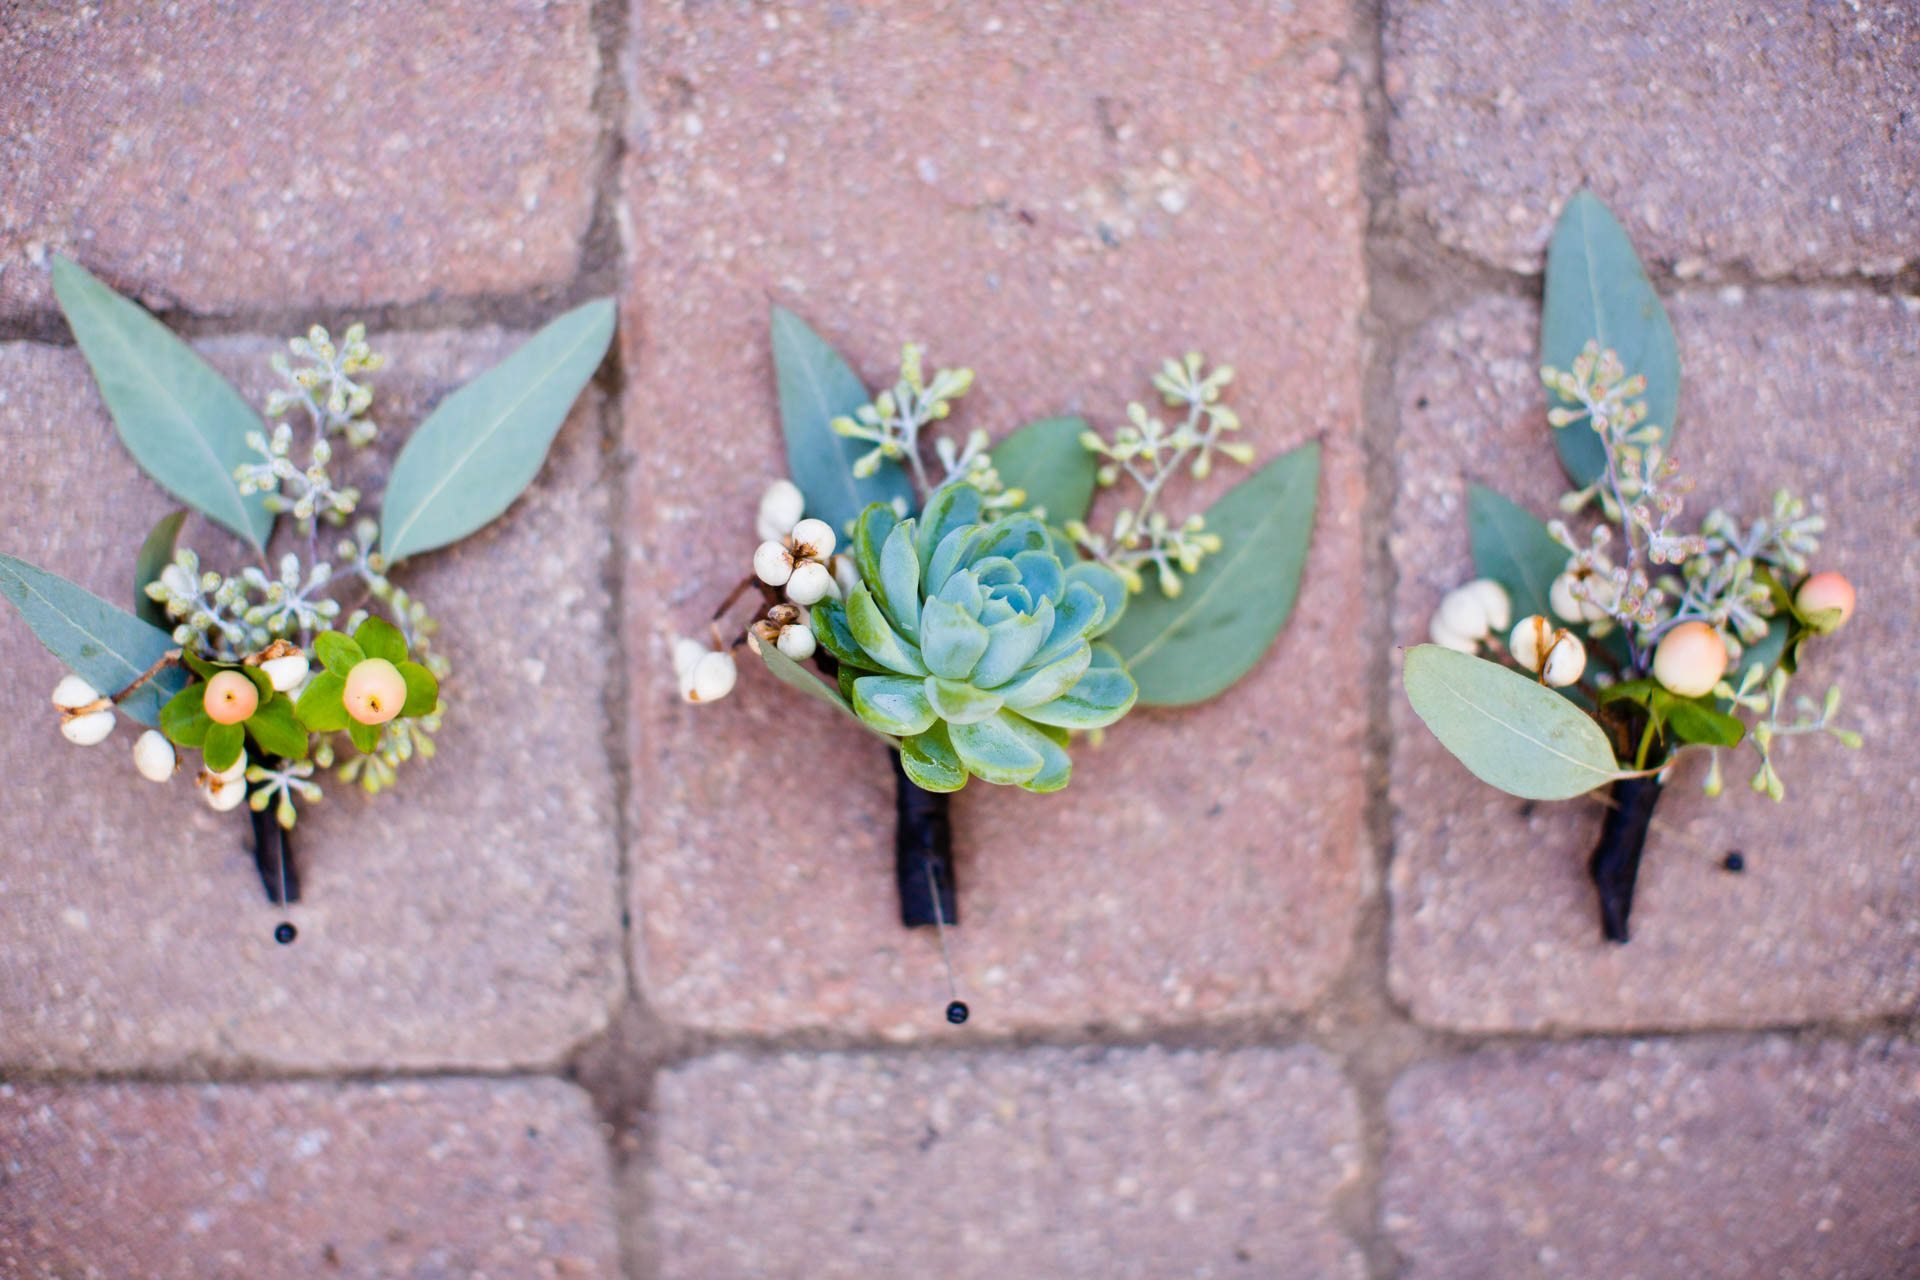 San-_Diego_Botanic_Garden_Wedding_014.jpg